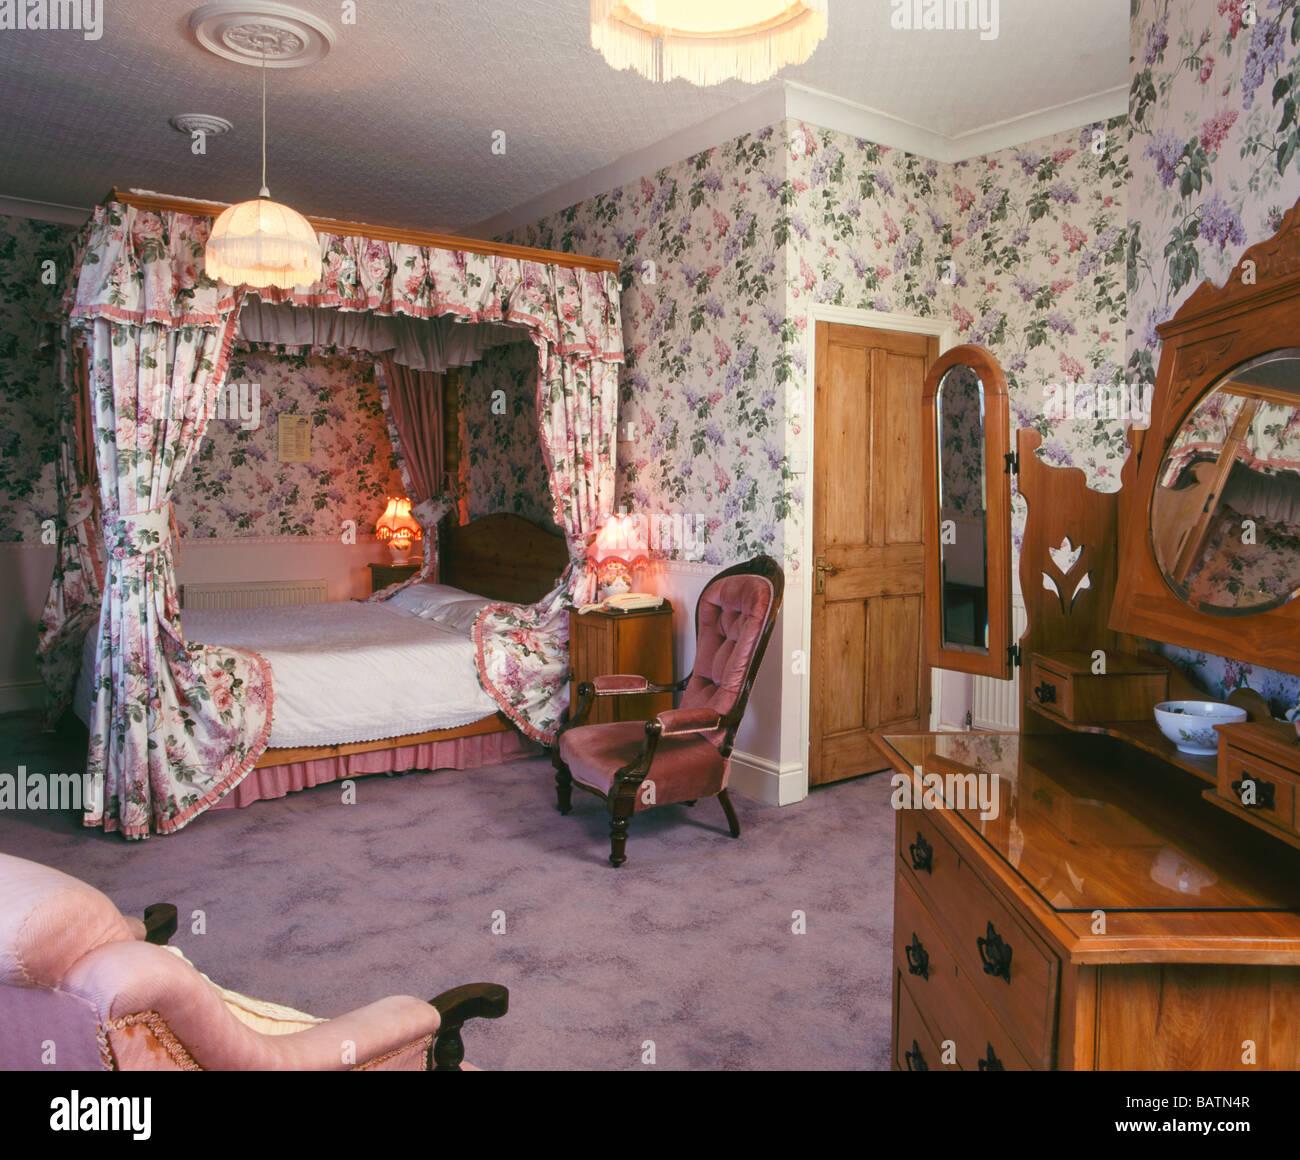 L 39 int rieur de la chambre chambre coucher lit for Interieur de chambre a coucher